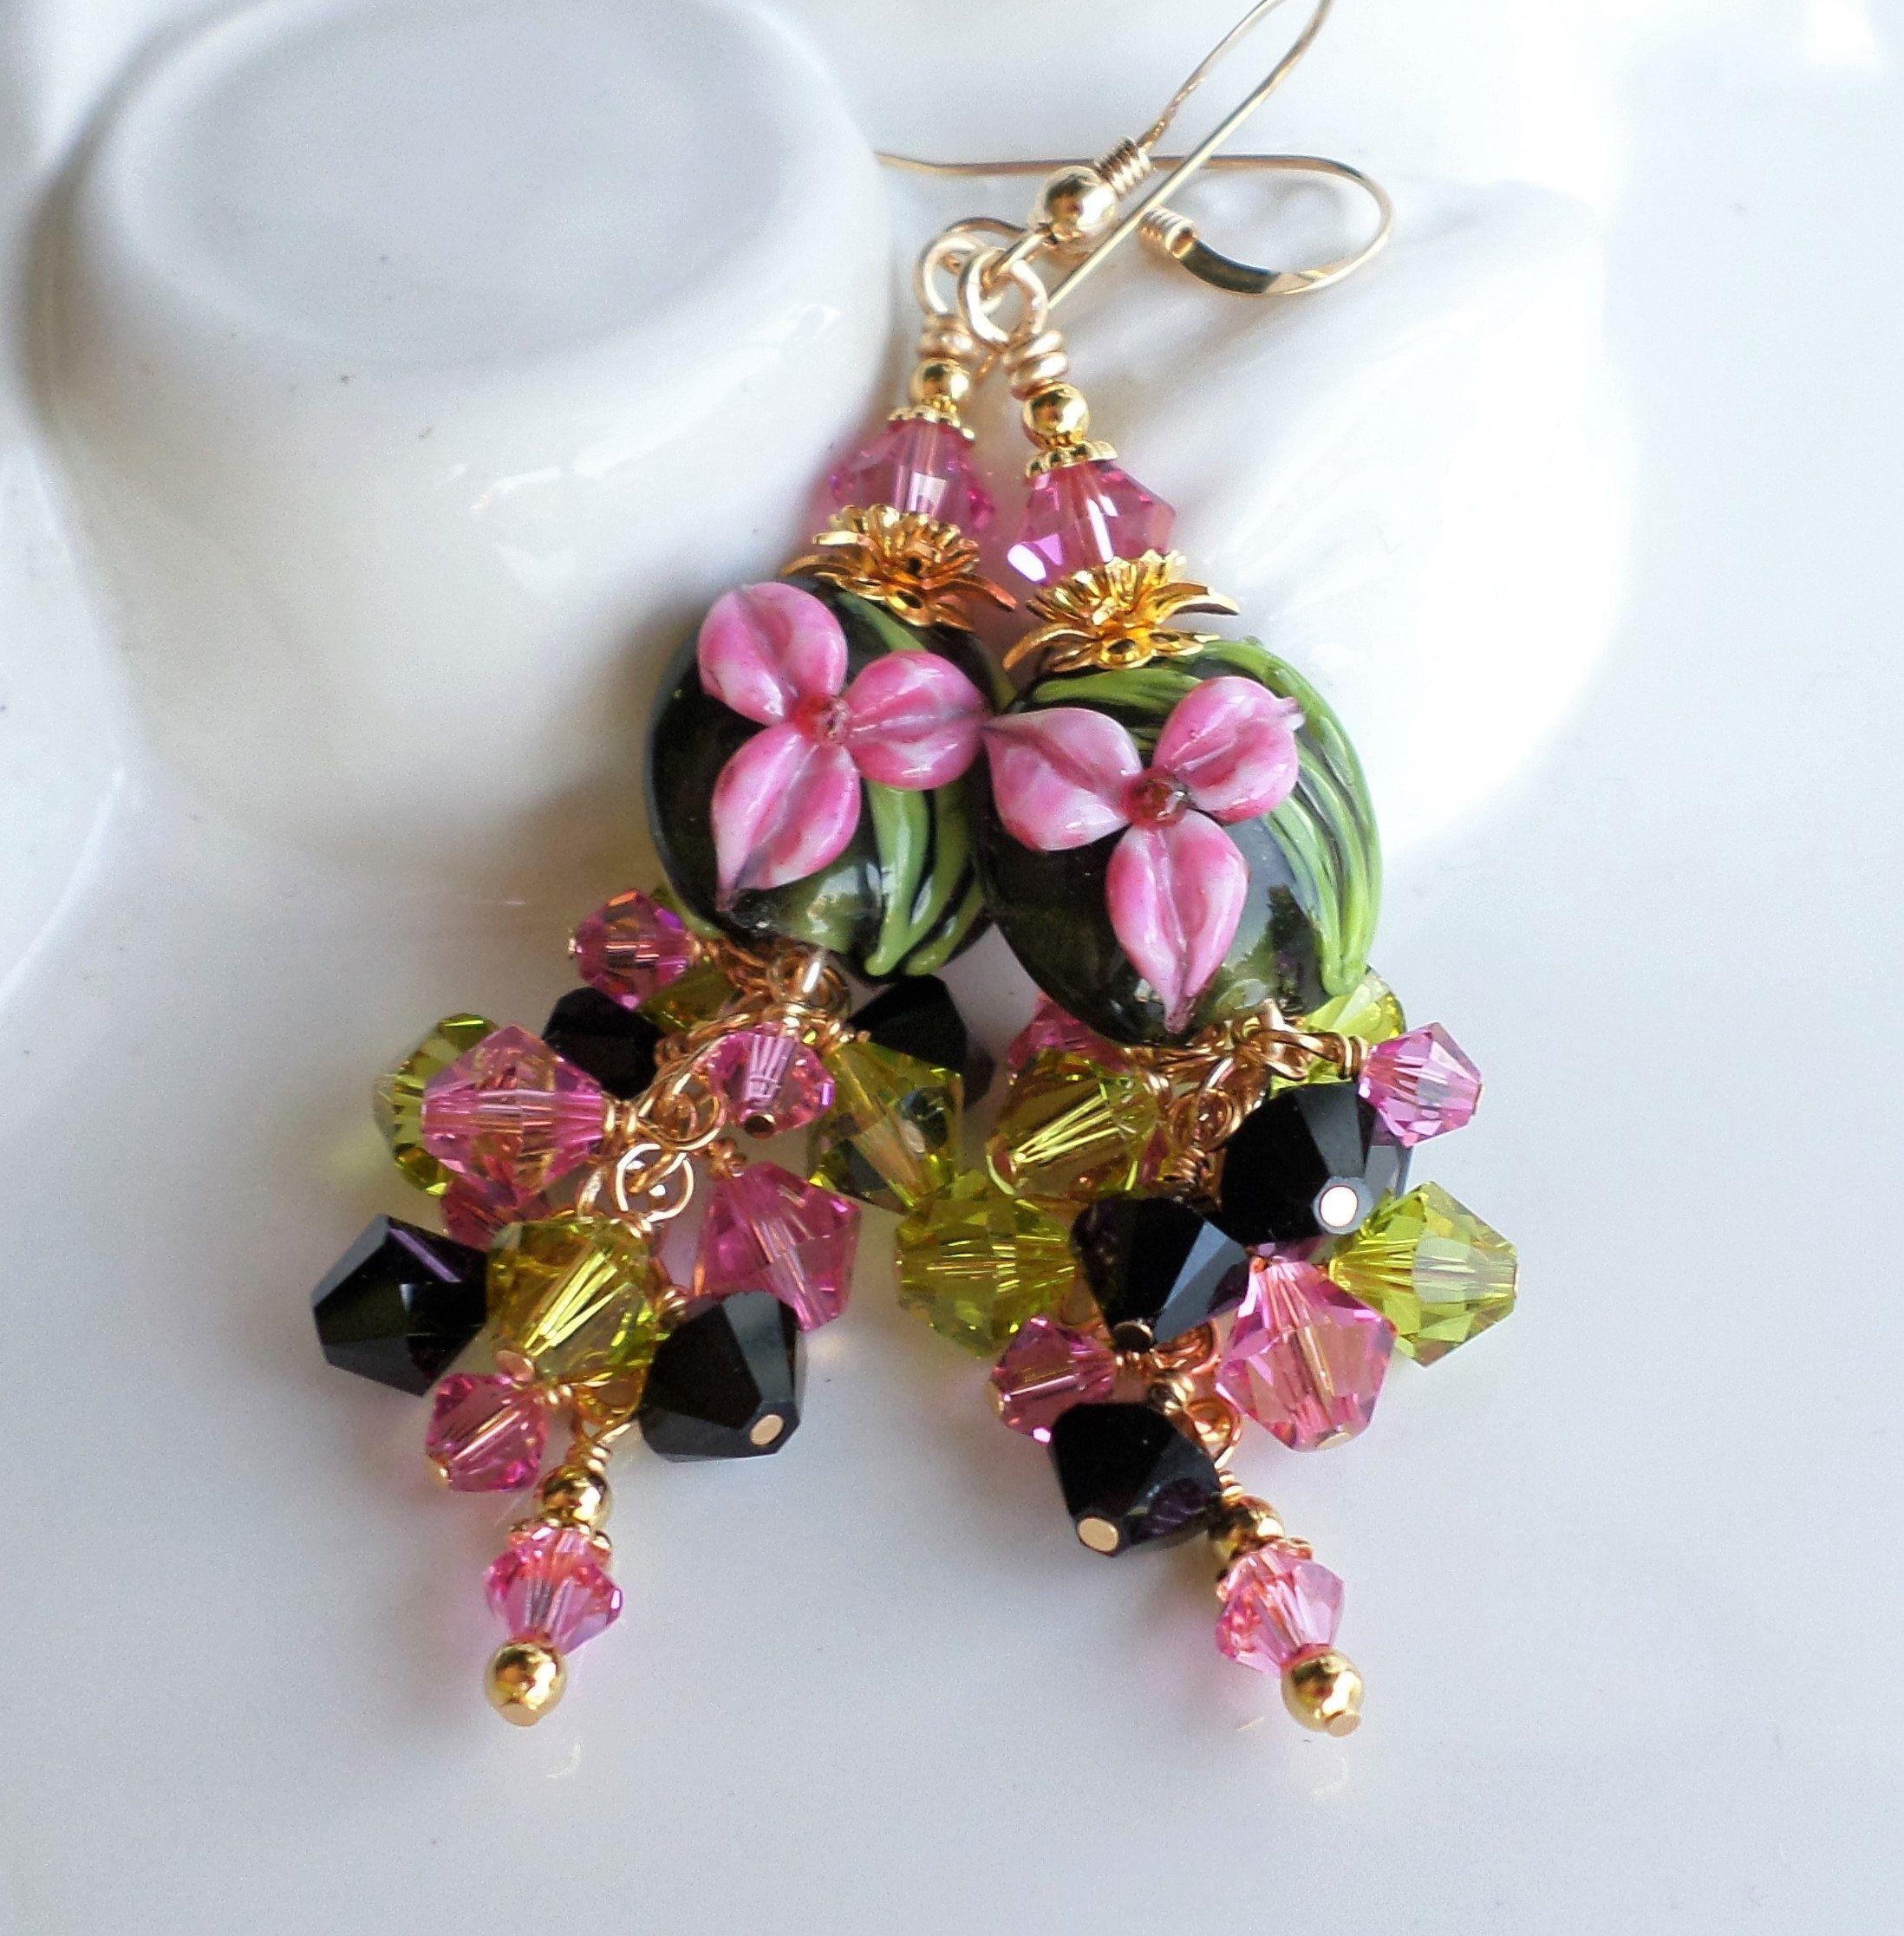 Pink Black Green Floral Lampwork Earrings Swarovski Crystal Etsy Lampwork Earring Long Statement Earrings Lampwork Jewelry